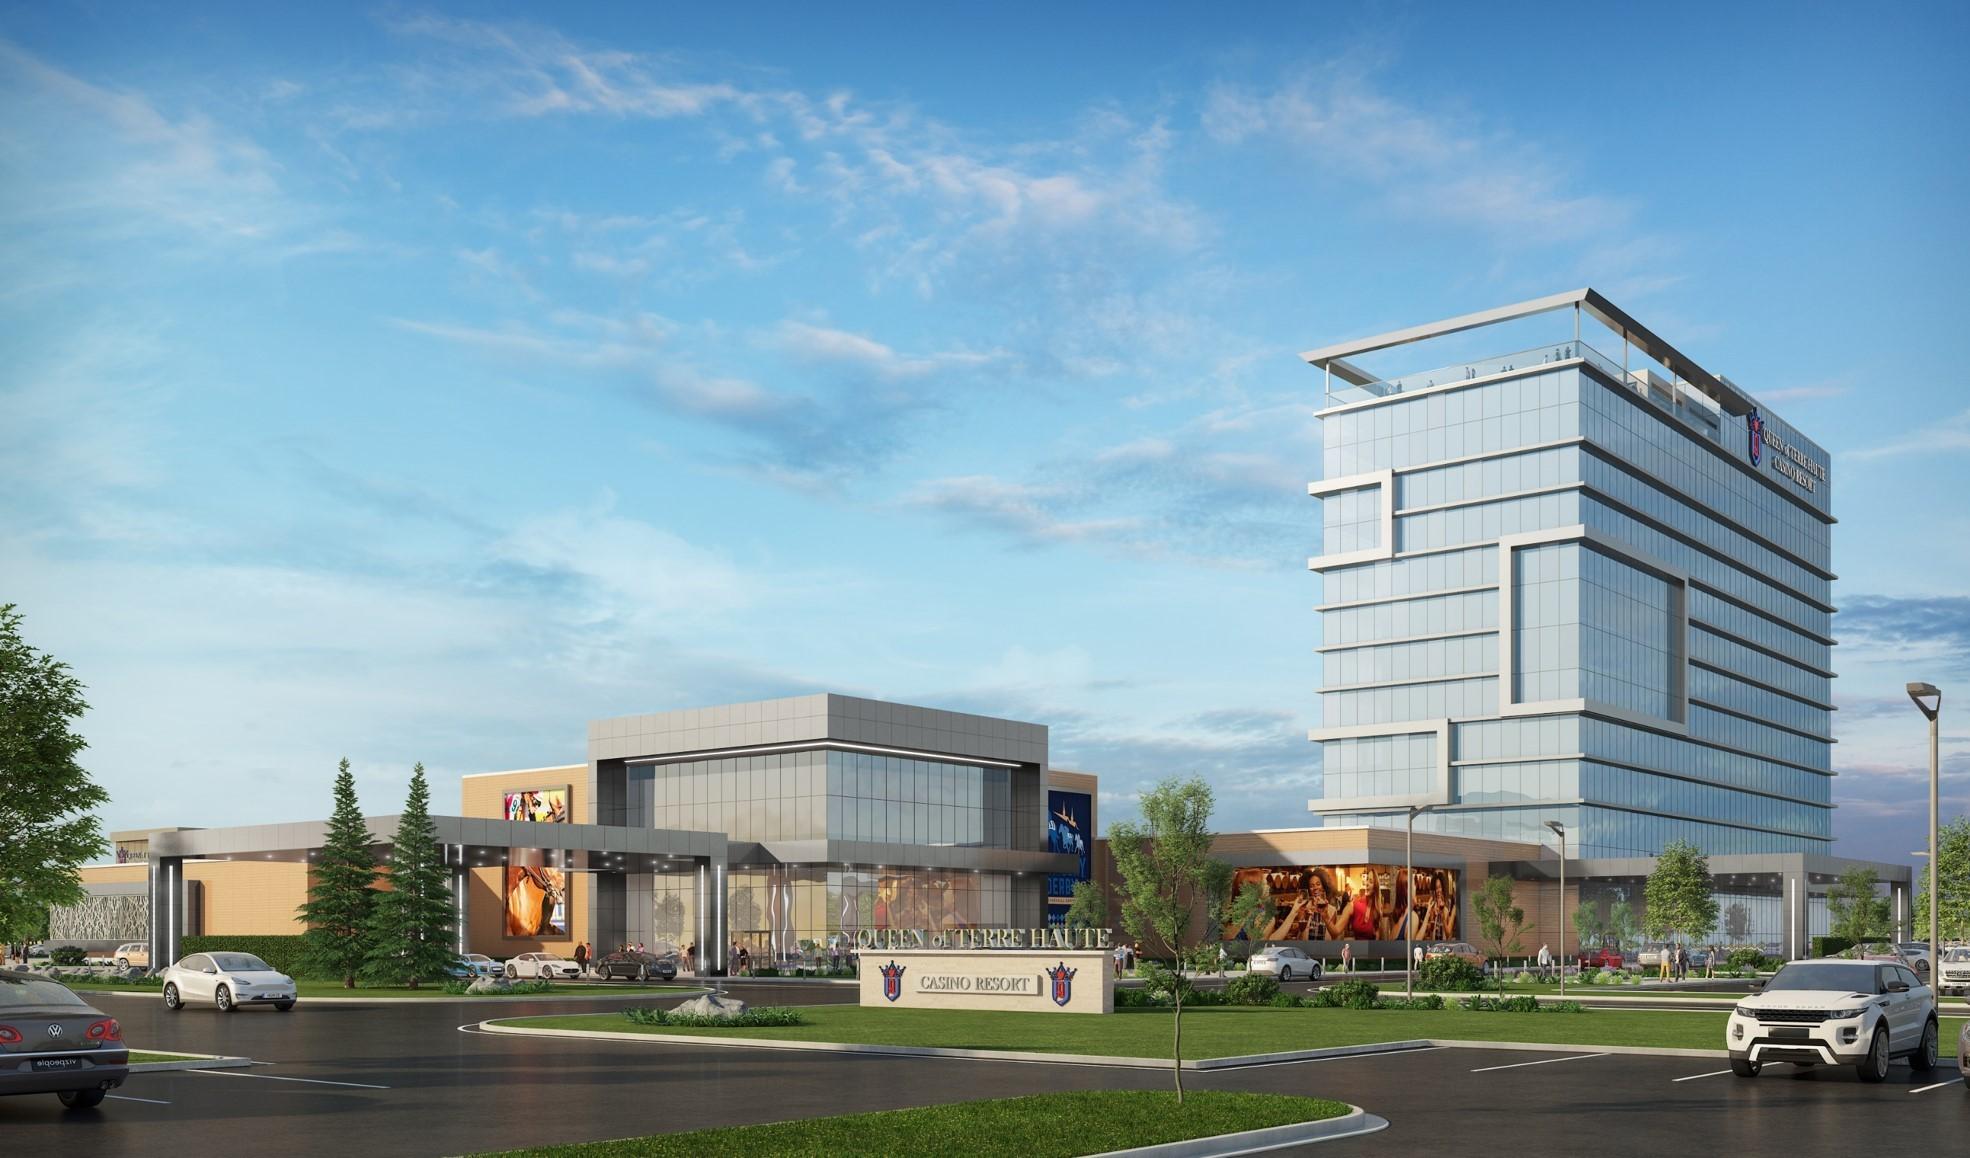 Exterior rendering of the Queen of Terre Haute Casino Resort.